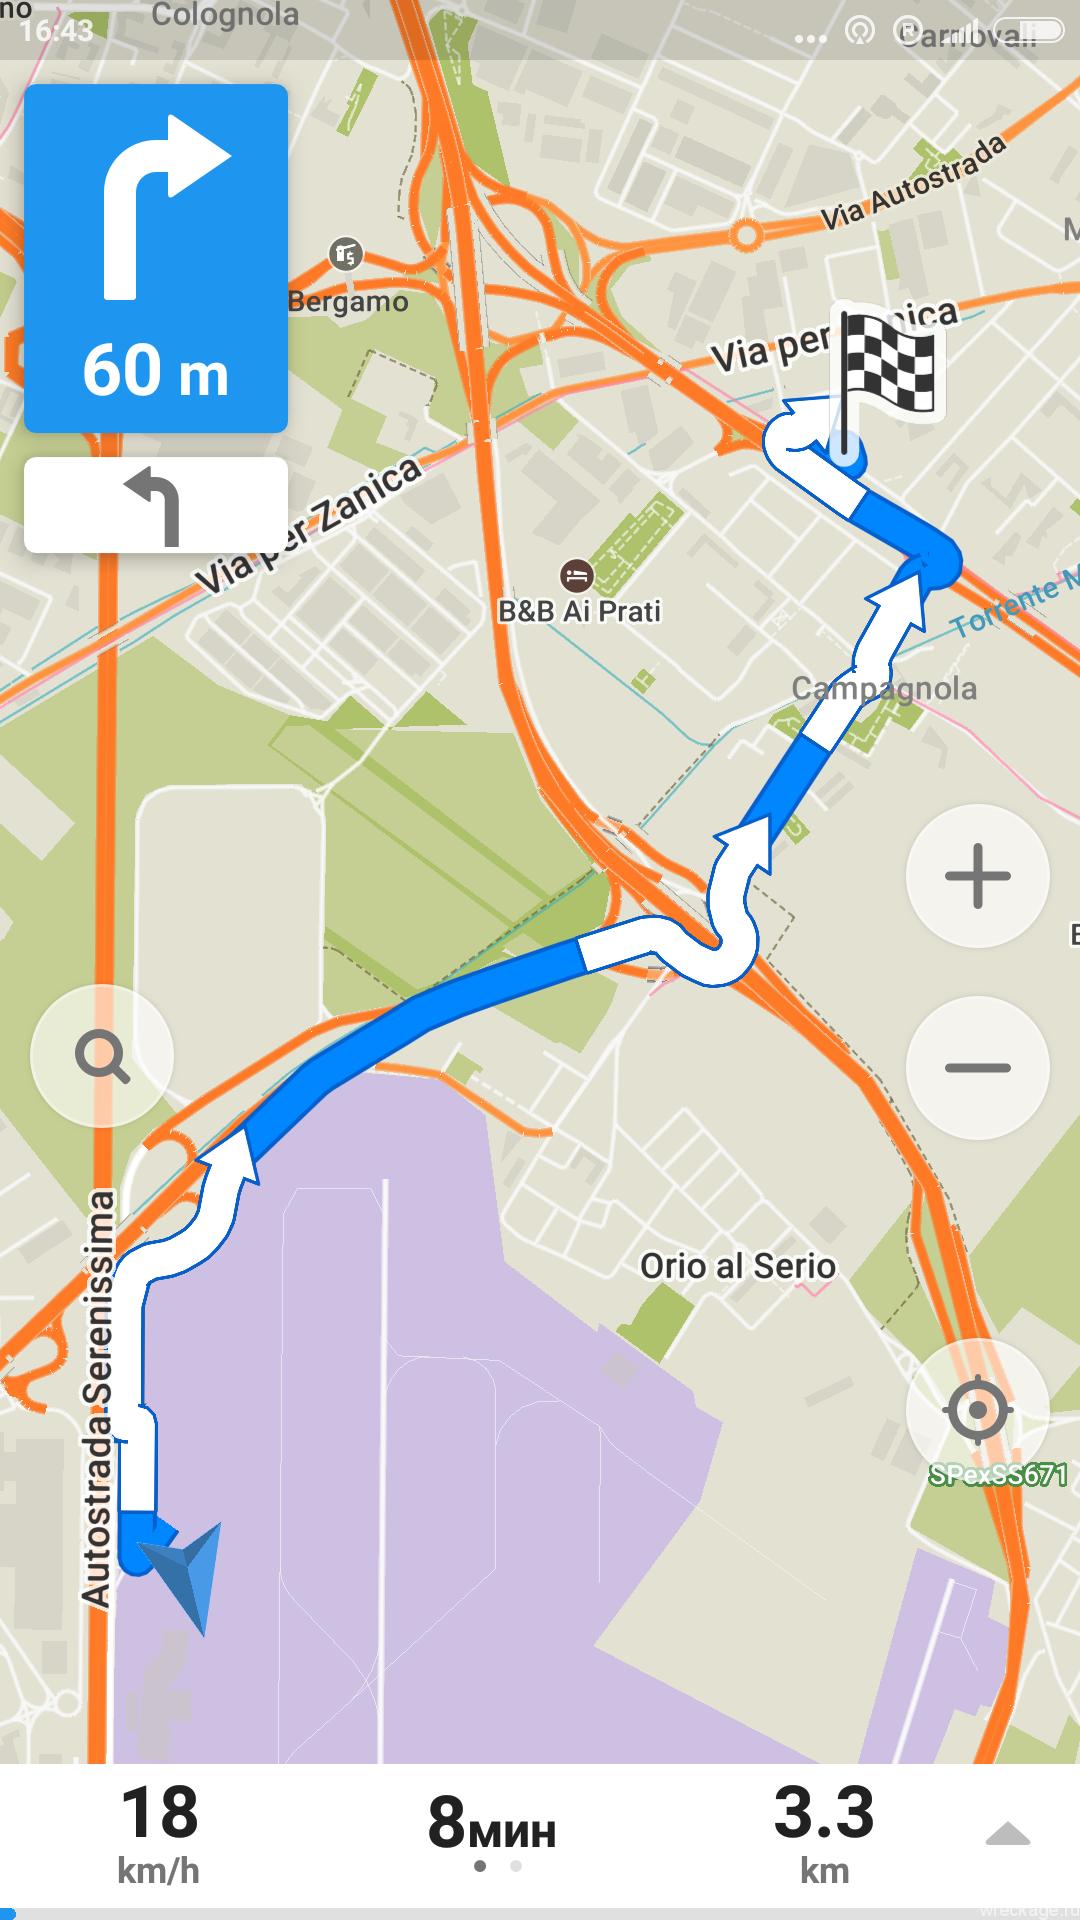 пешком до бергамо из аэропорта